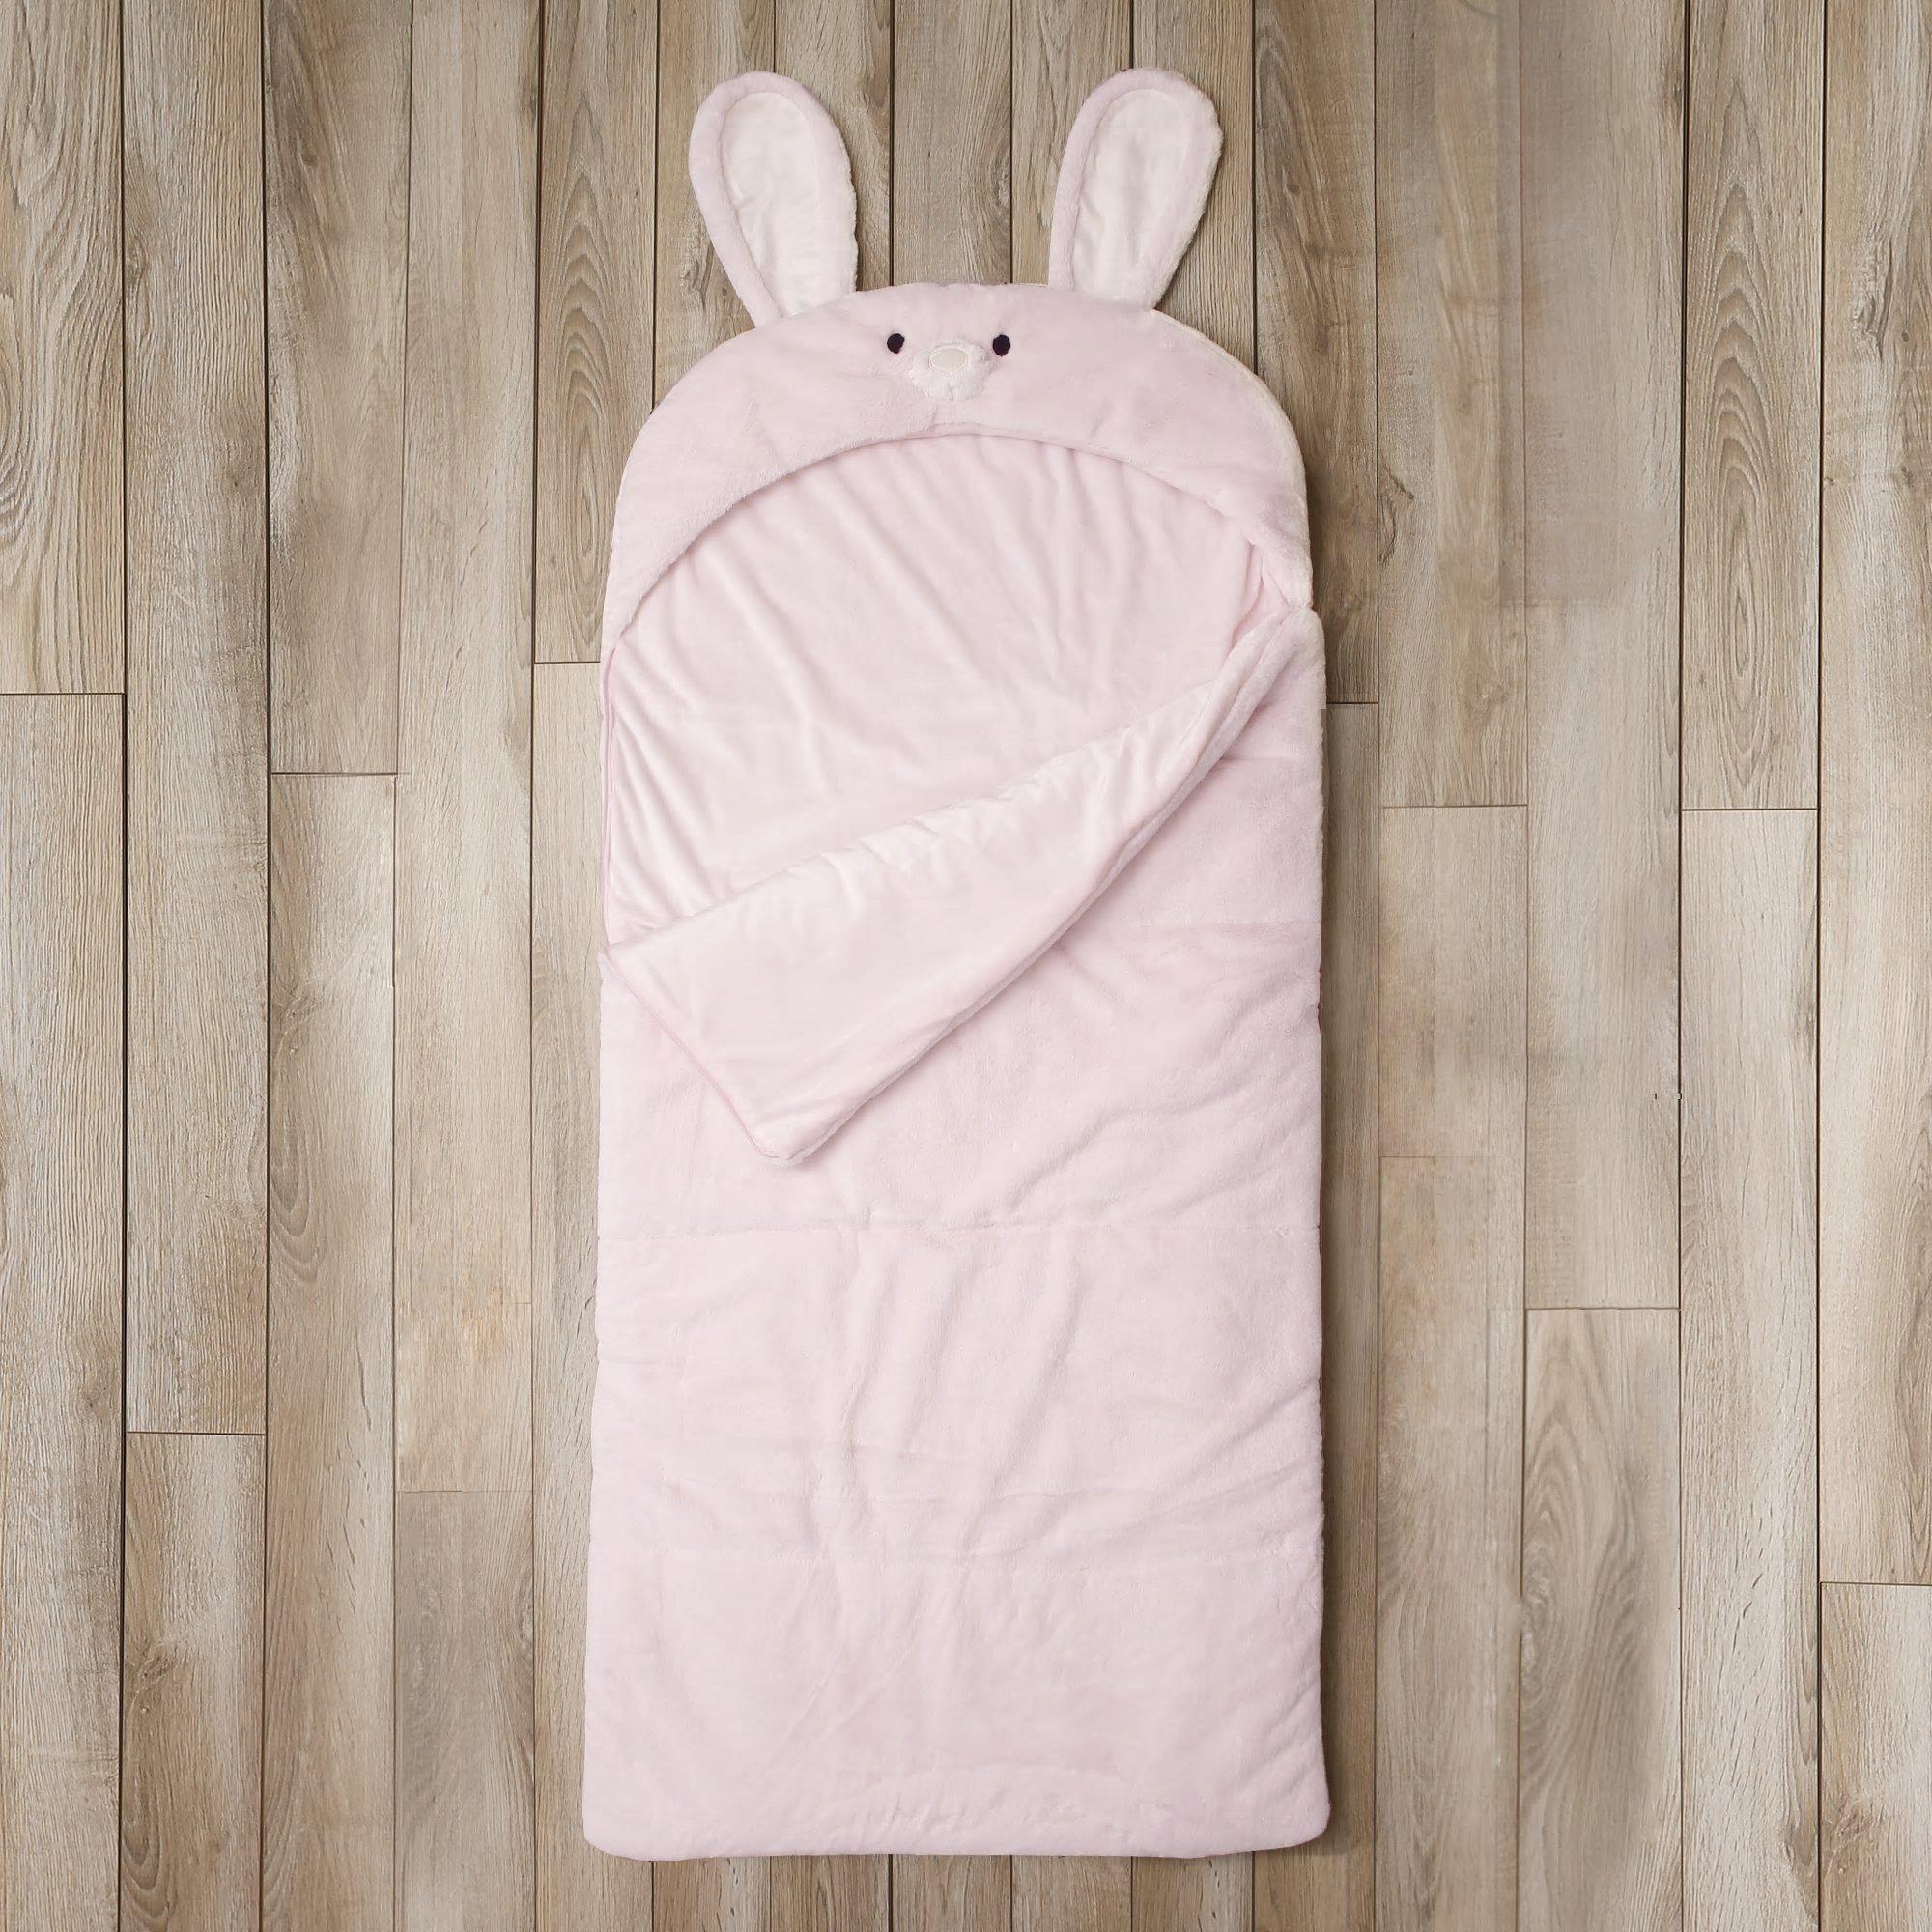 Toddler Sleeping Bag Kids Plush Bunny Rabbit Faux Fur Gift Slumber Bag (Pink)